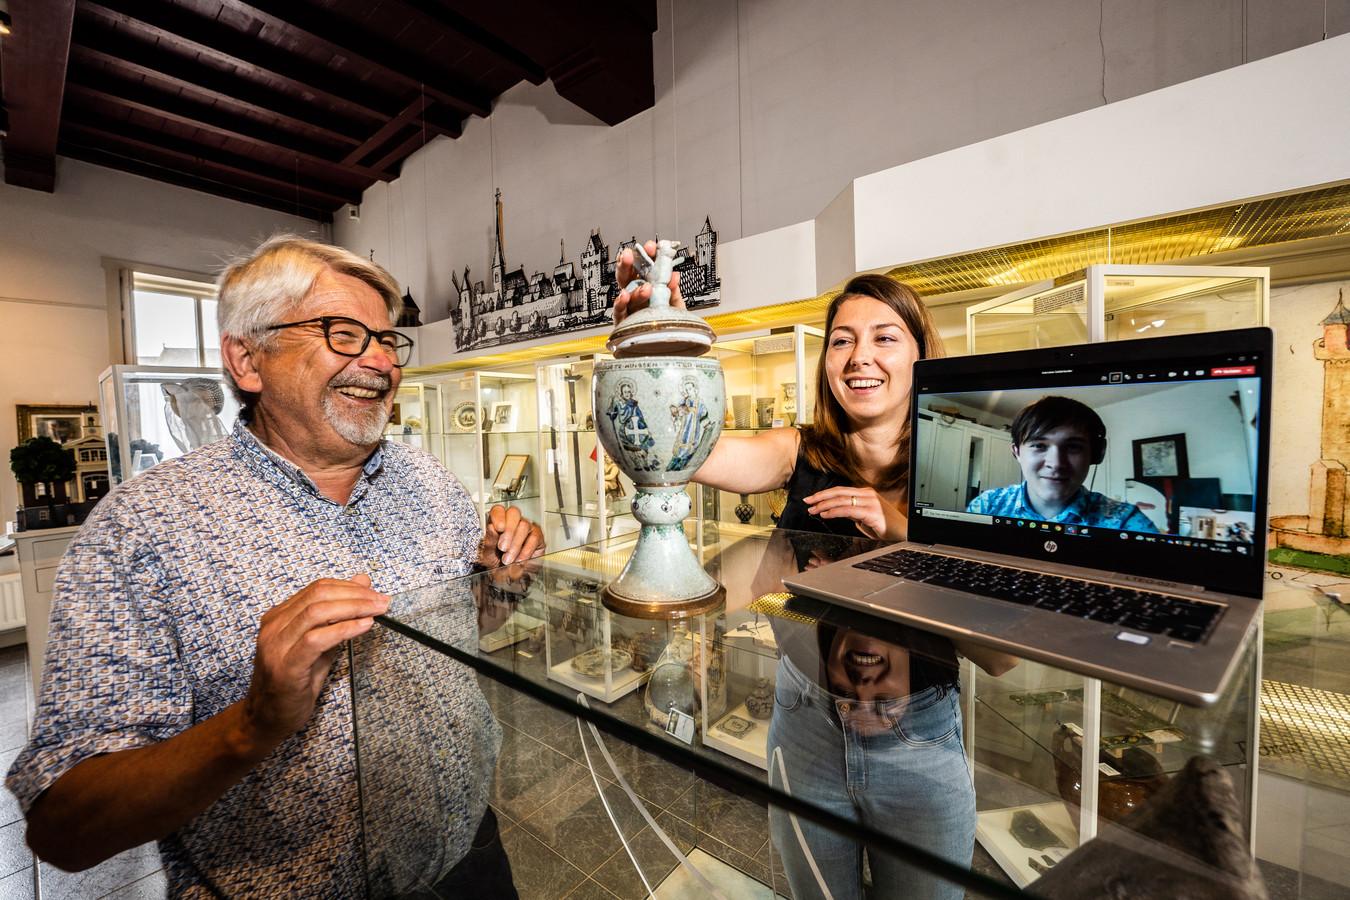 Koos Meeuwsen en Lian van der Zon bekijken samen een object in het stadsmuseum in Huissen. Via de laptop praat Jelle Hofs vanuit het Duitse Oldenburg mee.